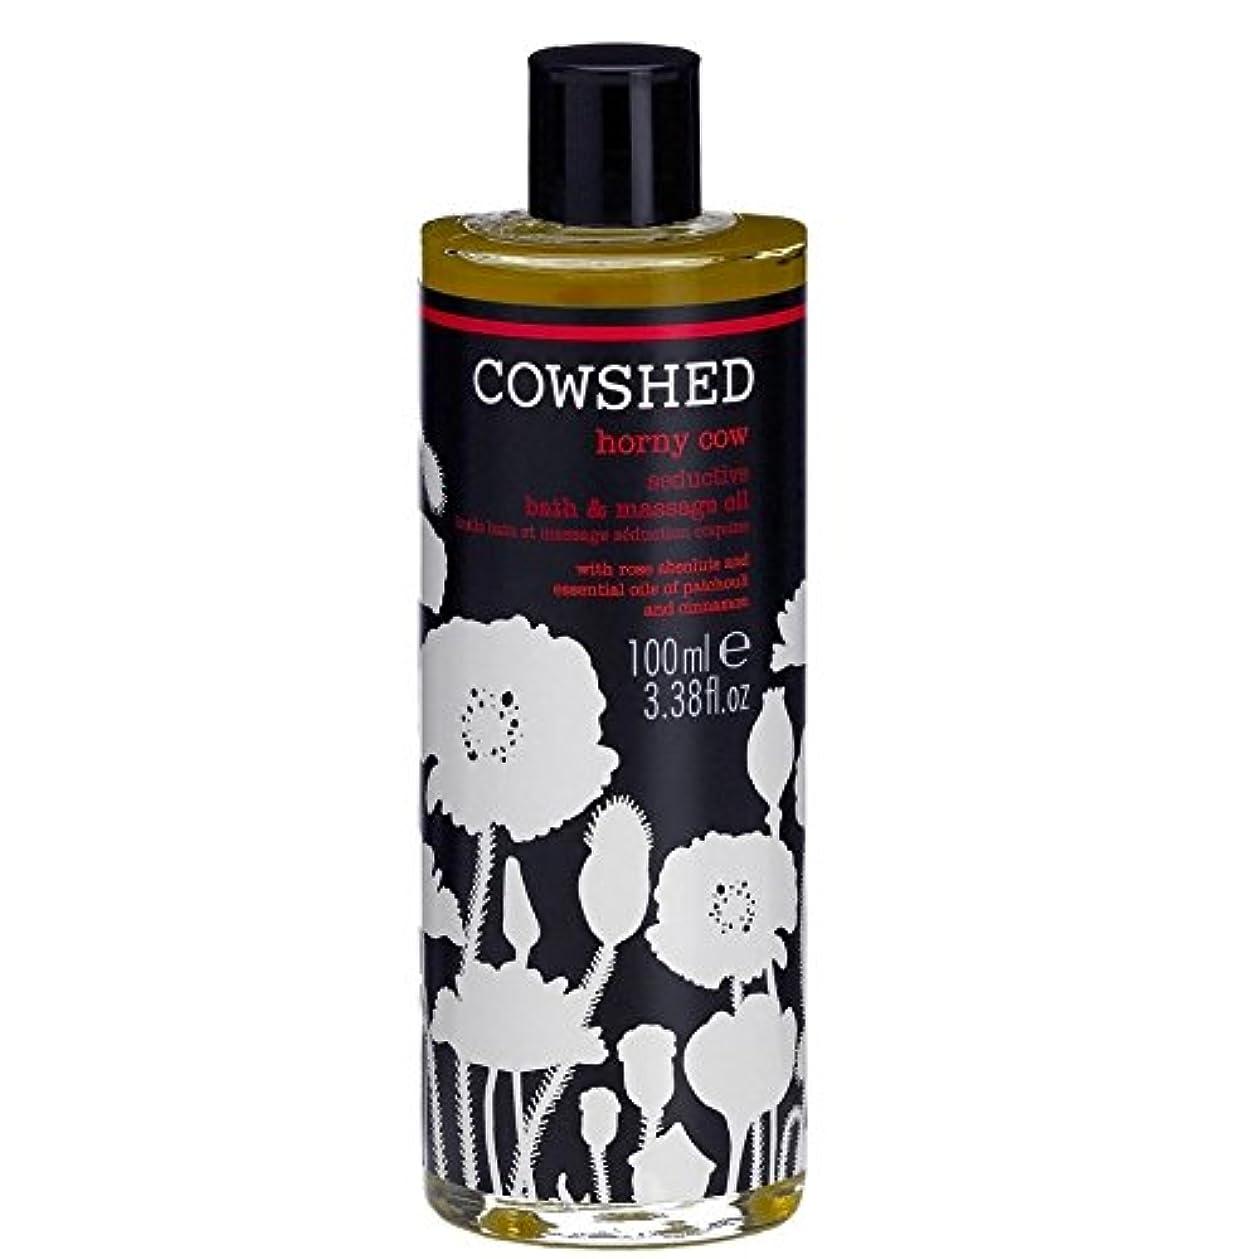 はっきりしない巡礼者カプセル牛舎角質牛魅惑的なバス、ボディオイル100ミリリットル x4 - Cowshed Horny Cow Seductive Bath and Body Oil 100ml (Pack of 4) [並行輸入品]